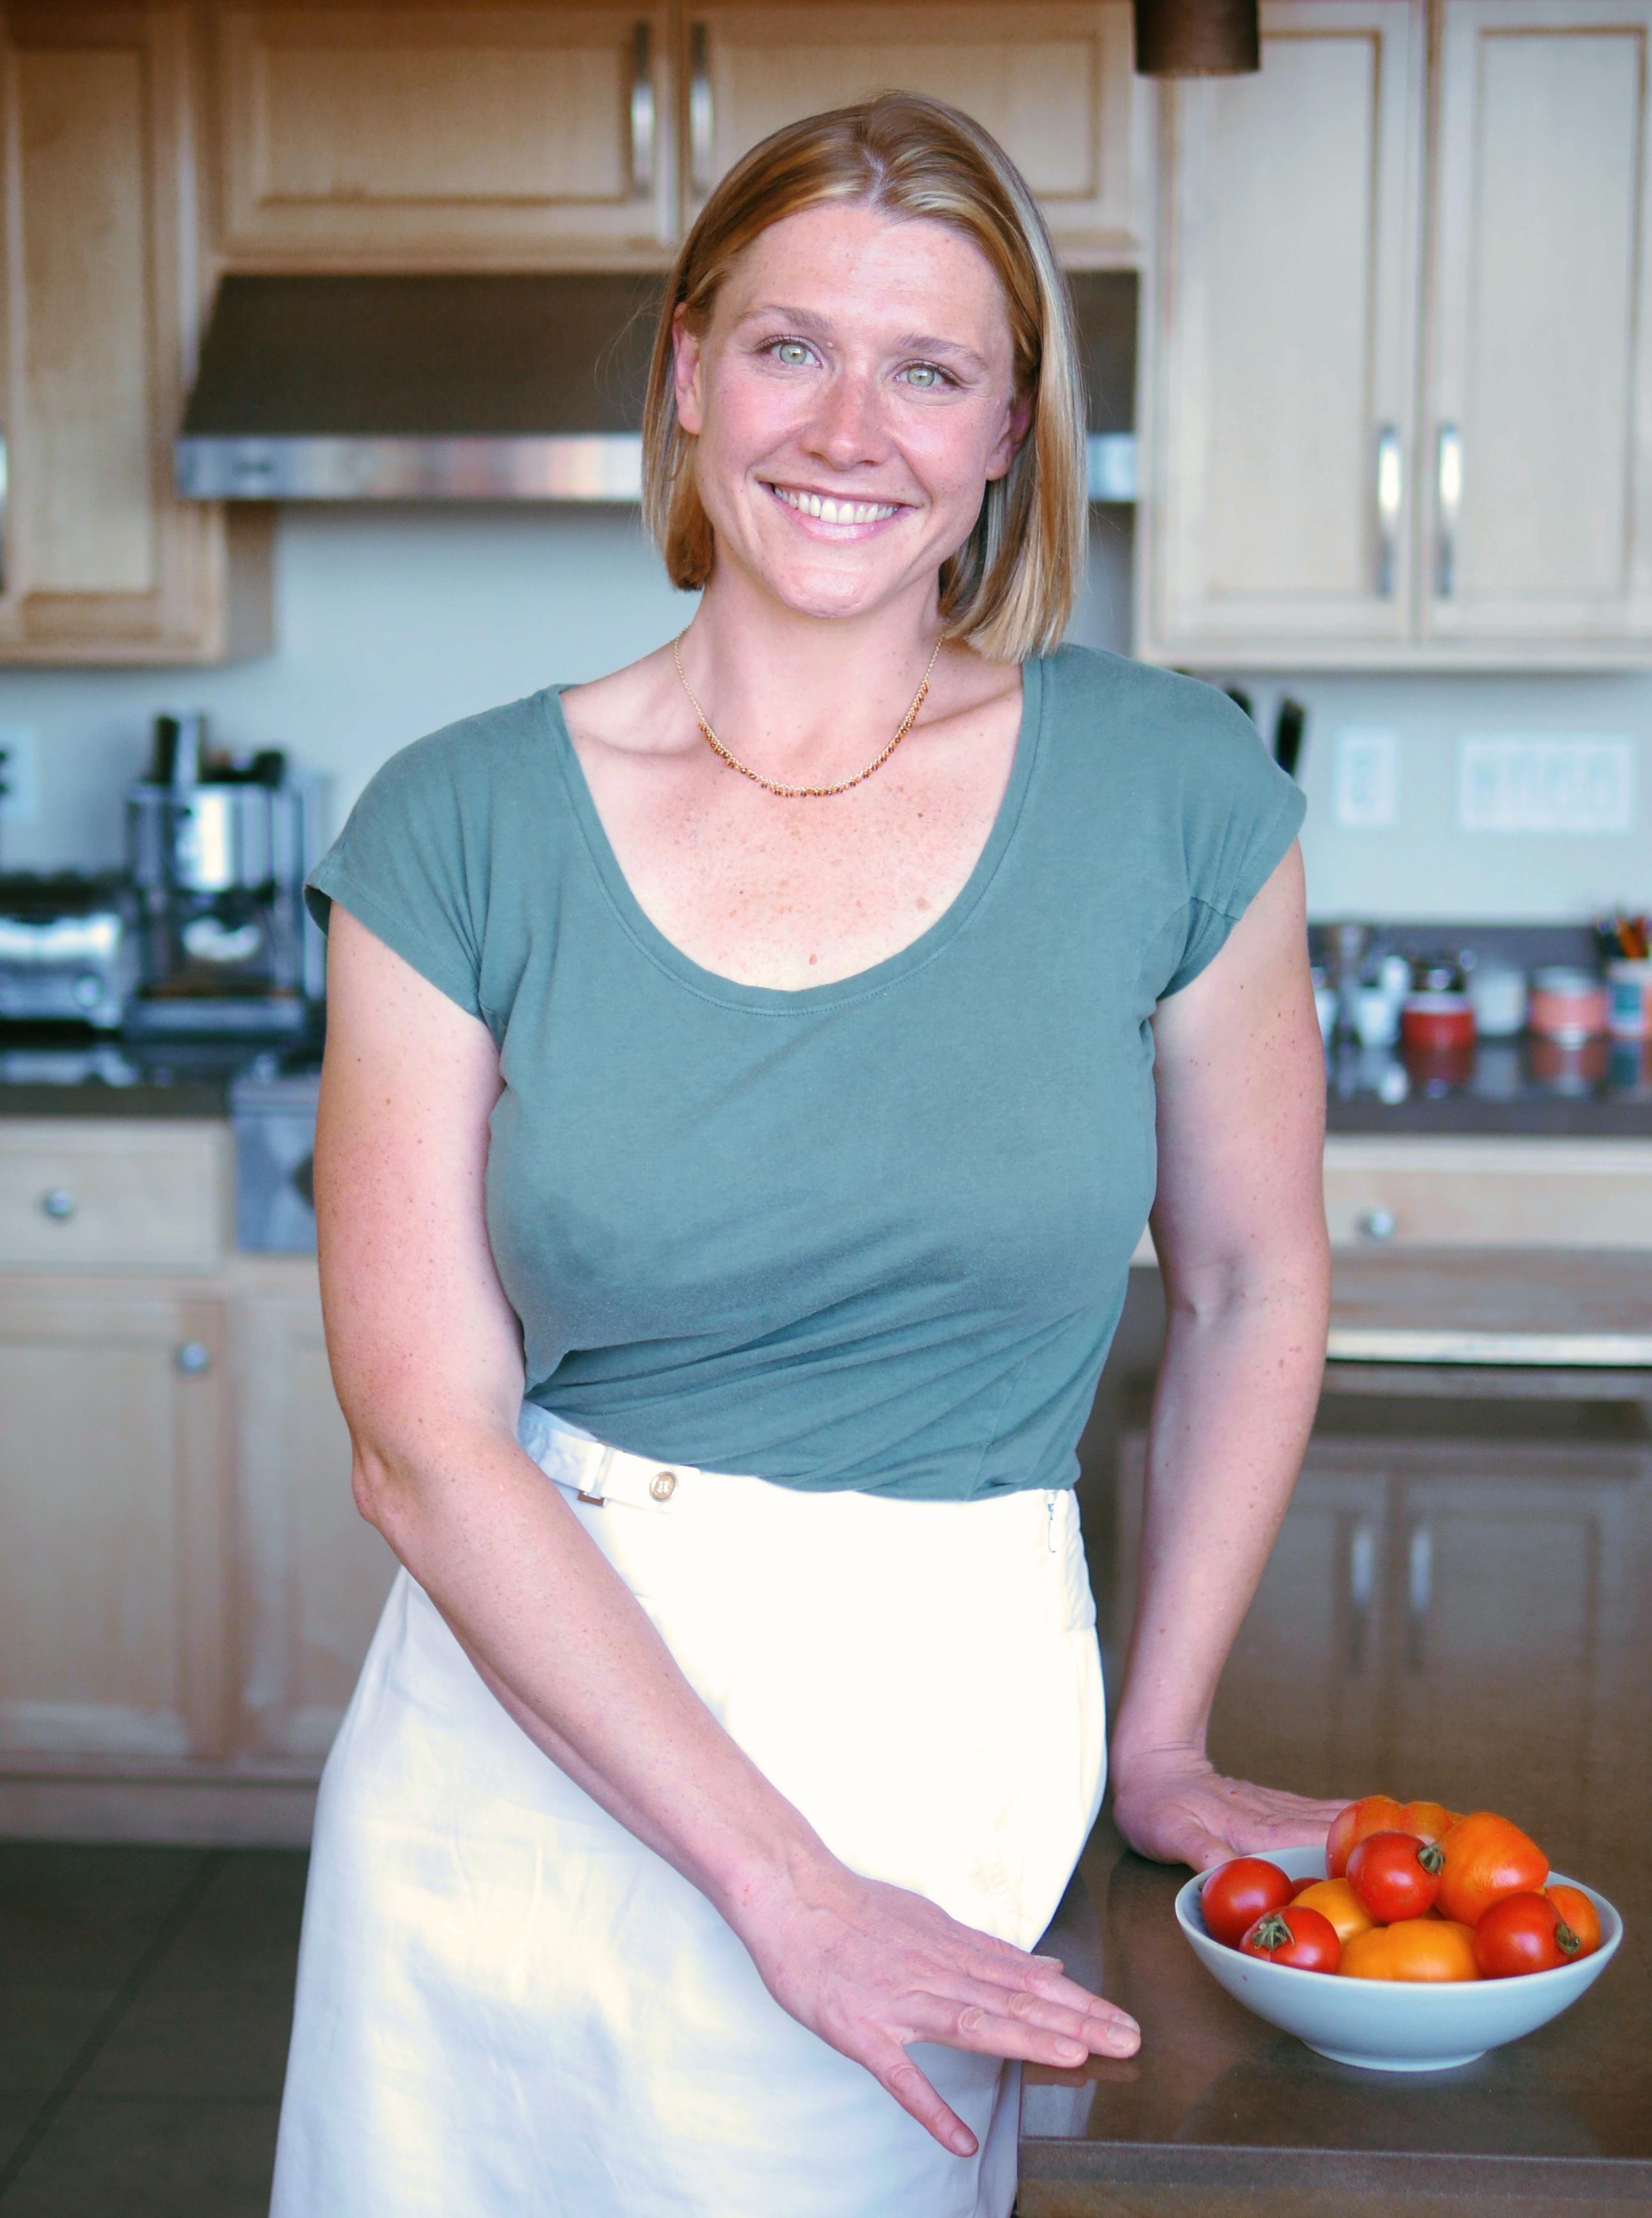 White apron chef fresno - Healthy Recipe Demo By Chef Emily Dellas